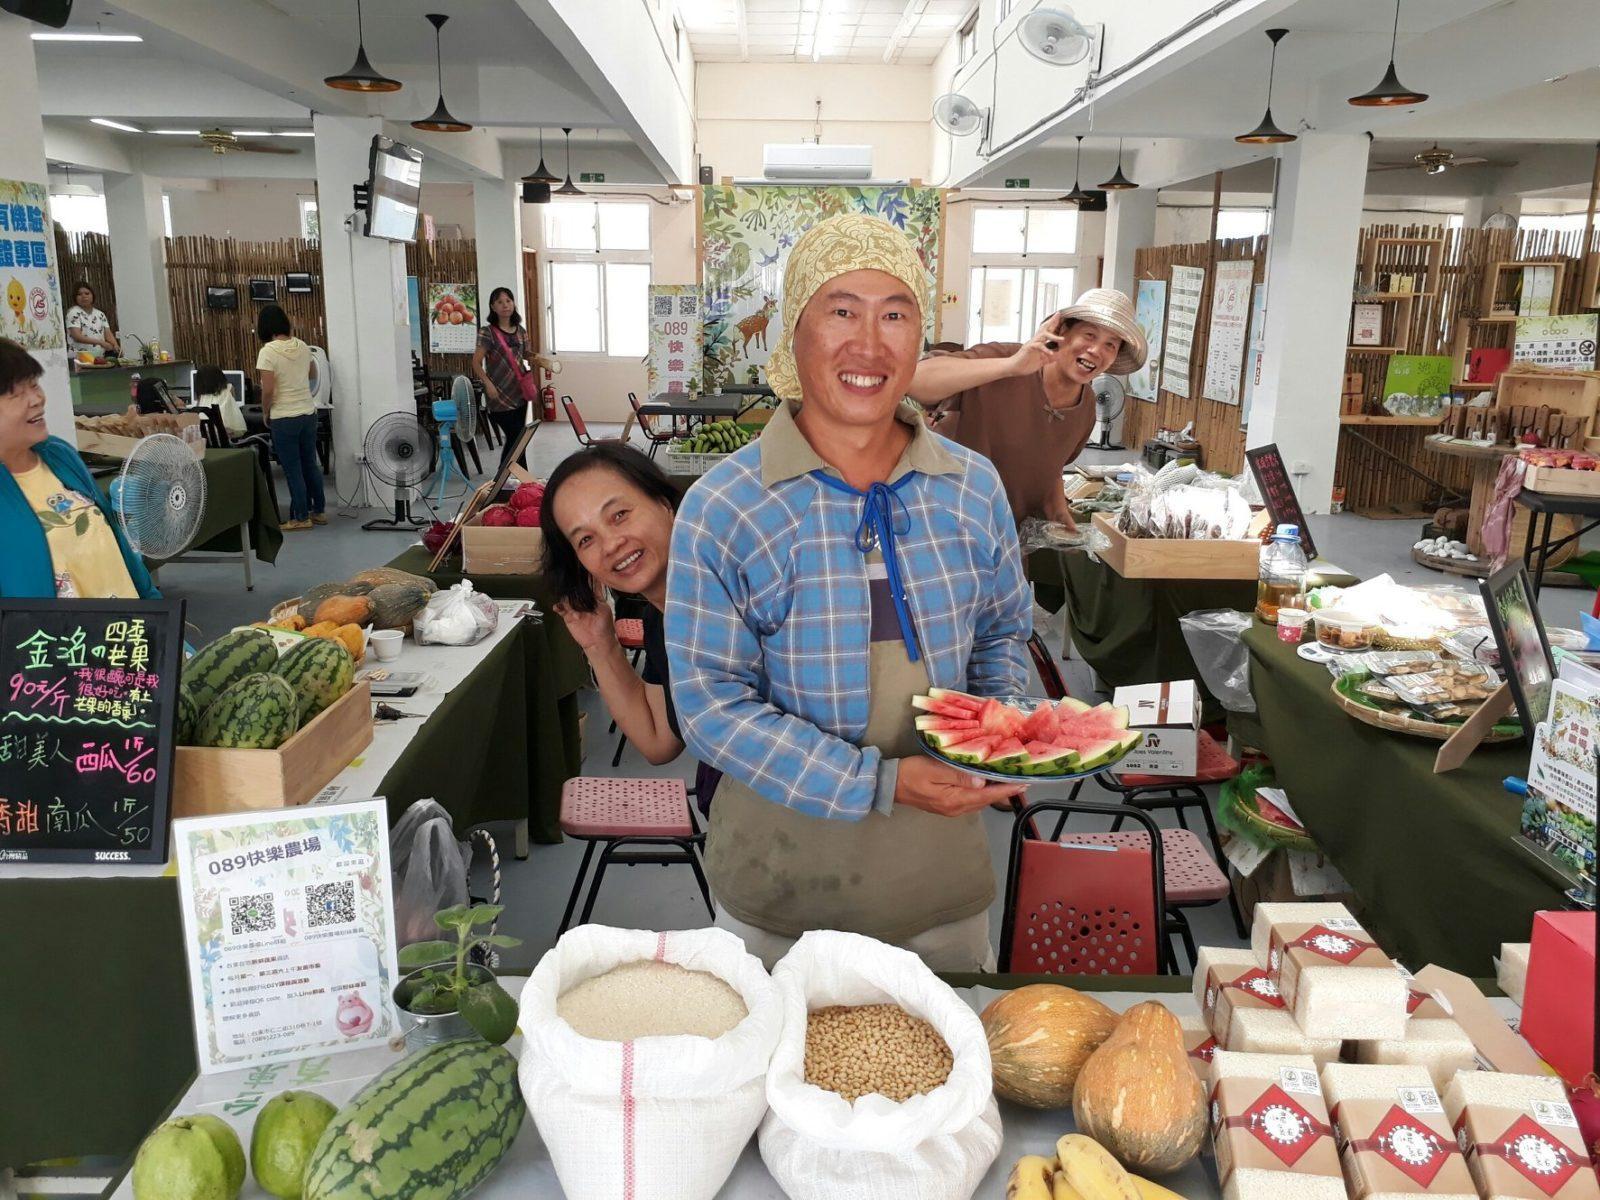 每周舉辦友善農夫市集,新鮮的蔬果,從農場直送到089快樂基地。